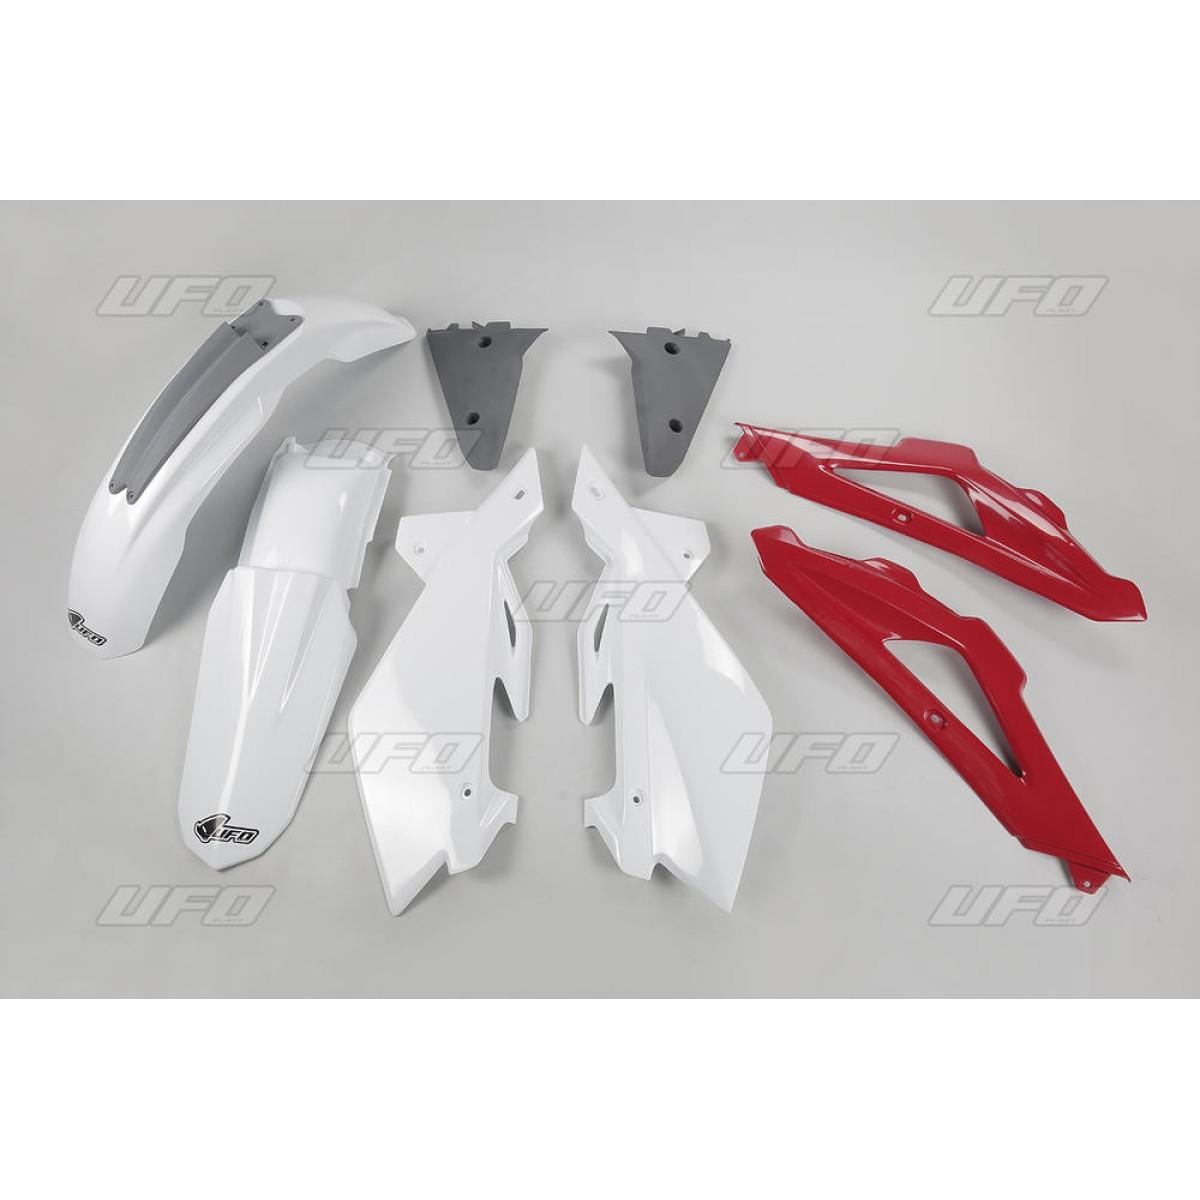 Kit plastique UFO Husqvarna 250 TC 2006 rouge/blanc/gris (couleur orig